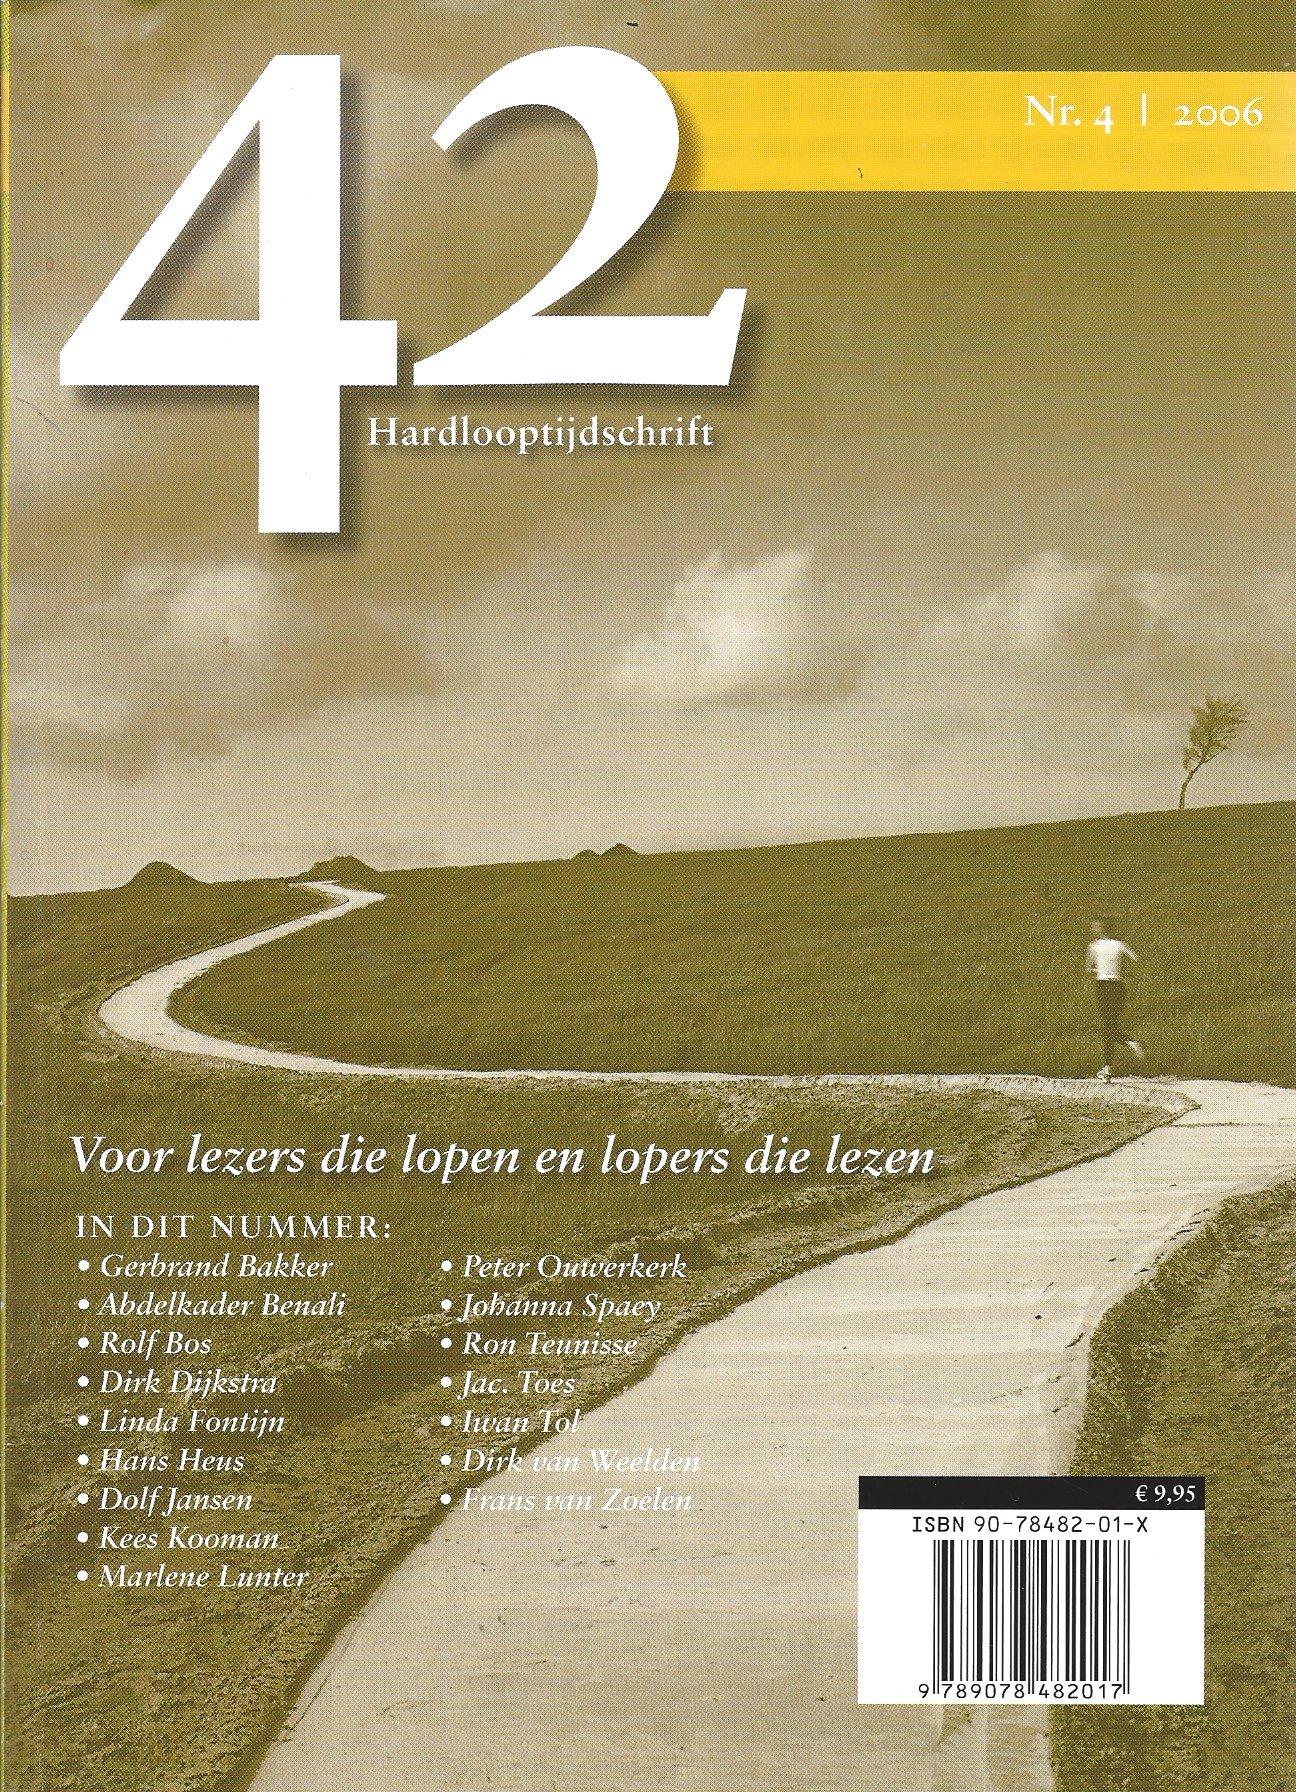 Redactie - 42 - hardlooptijdschrift - No. 4